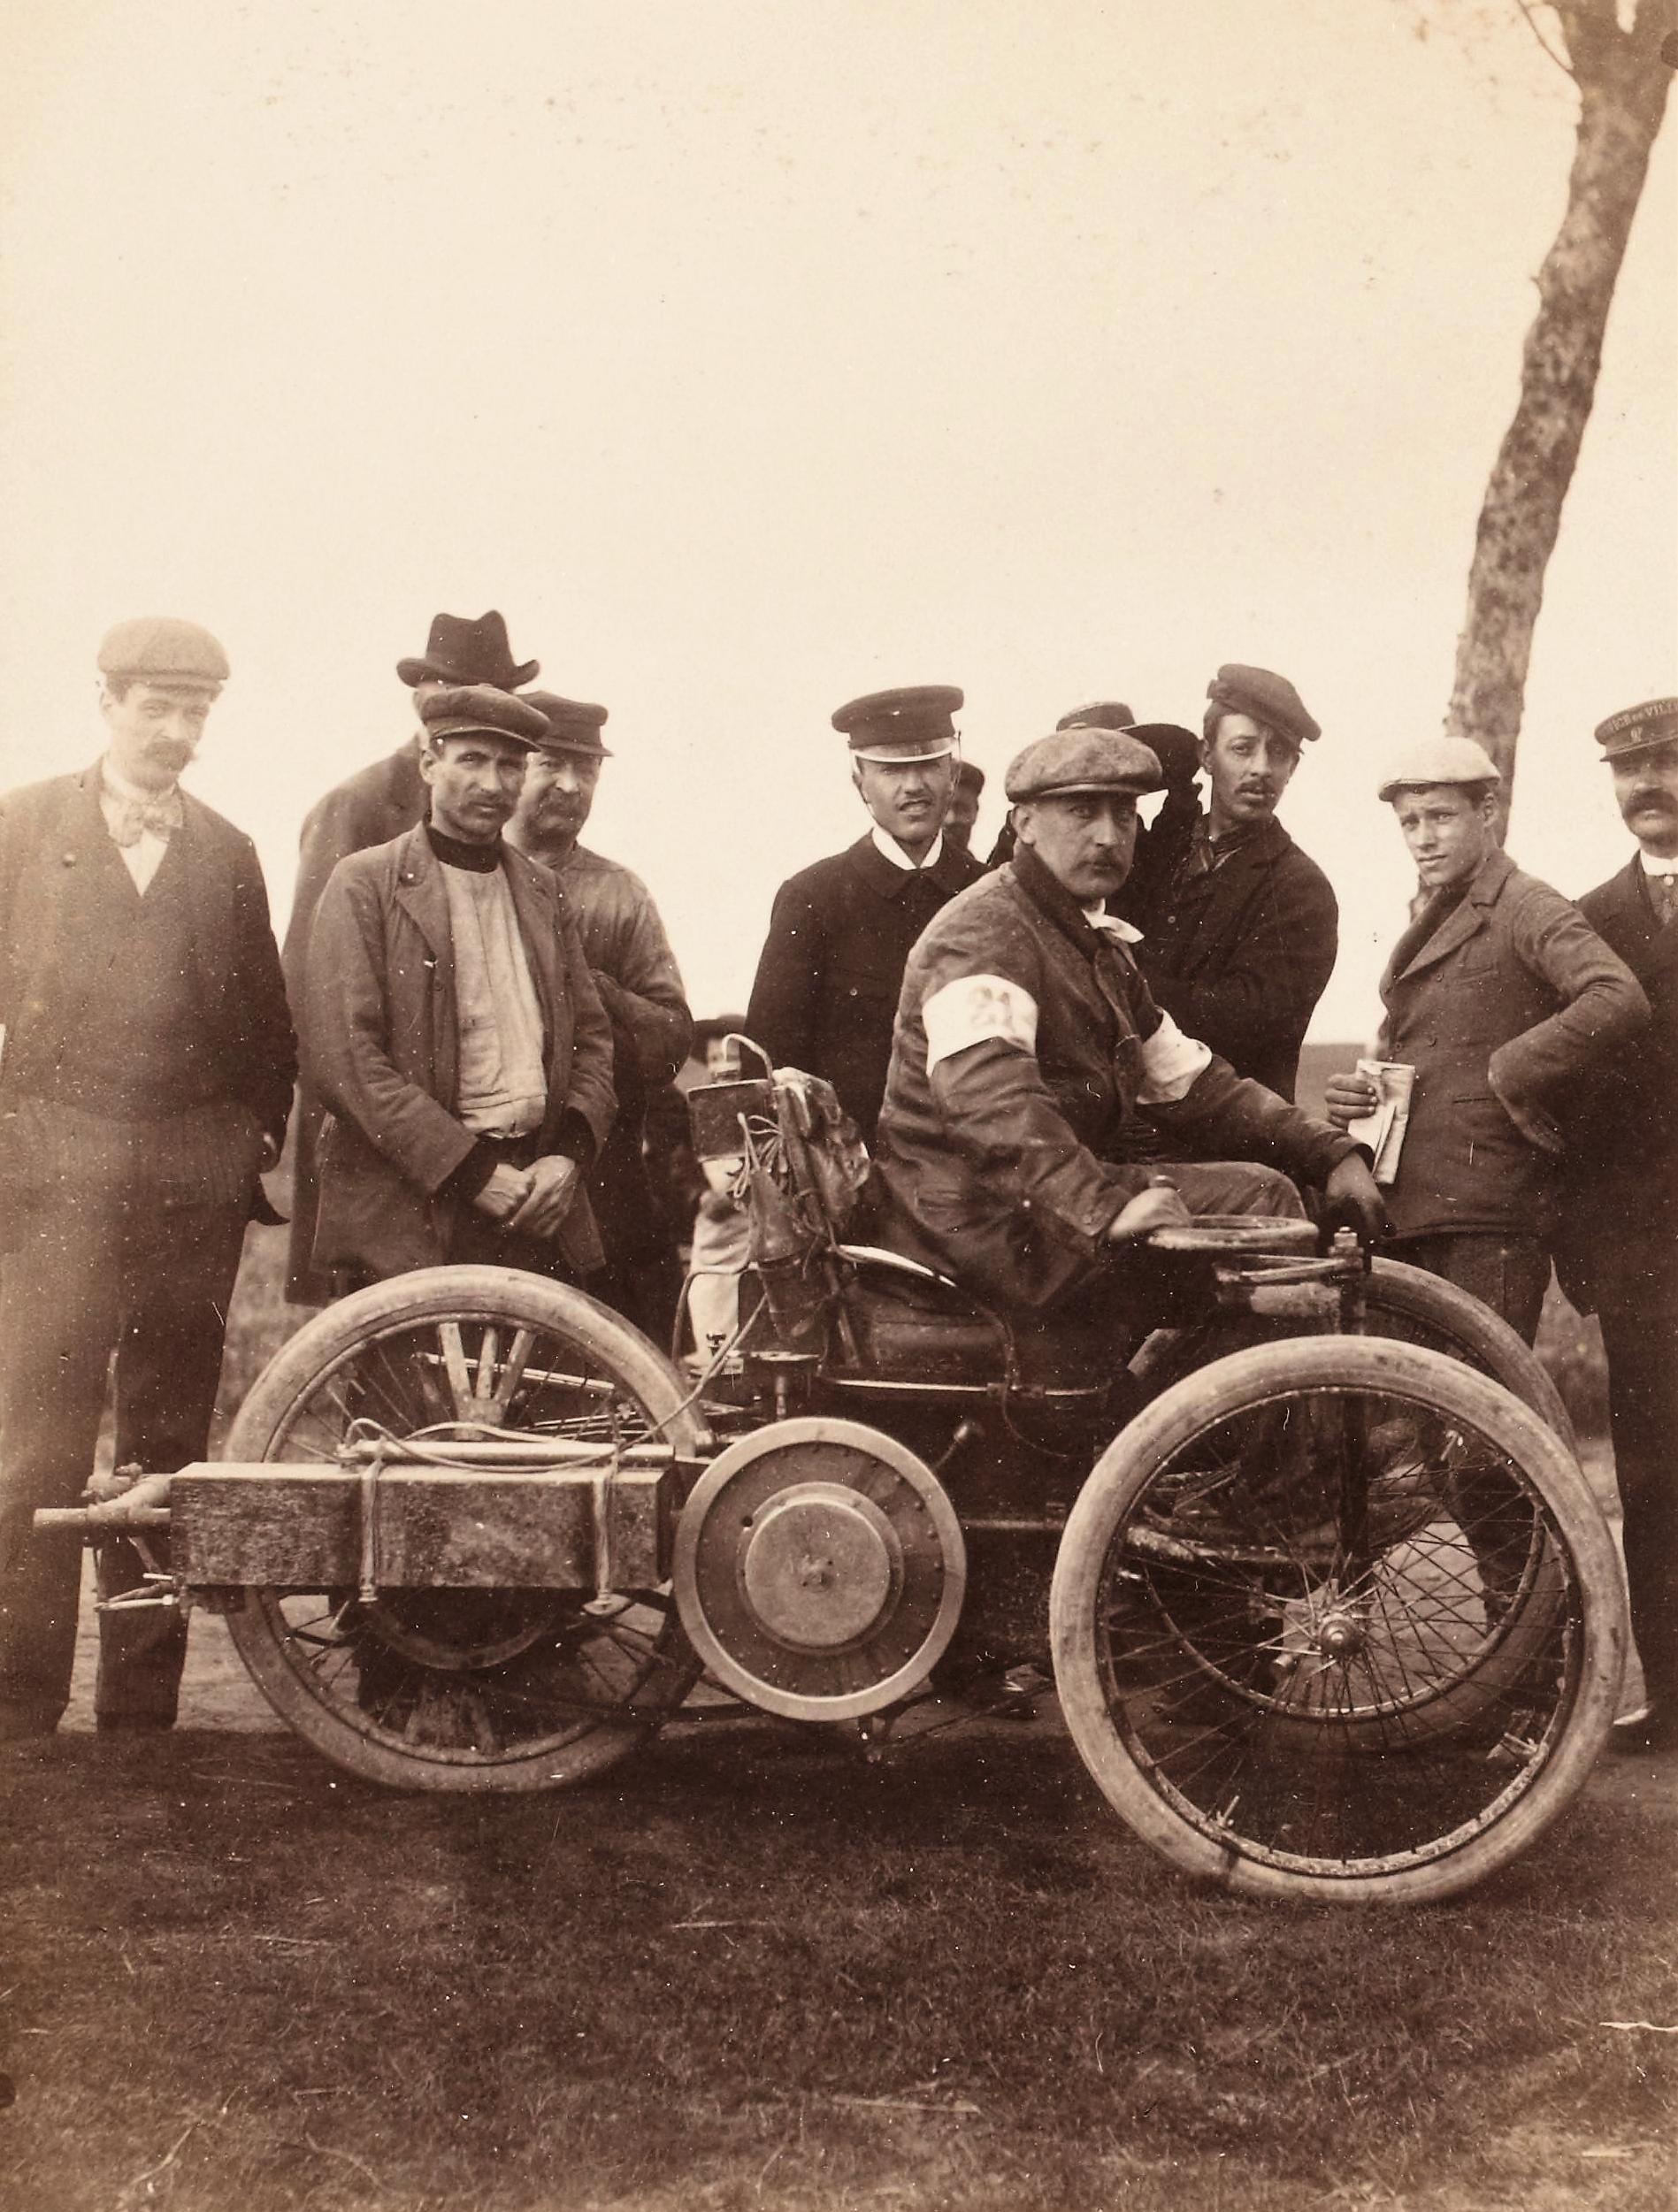 Wilfrid-voiturette-Léon-Bollée-28-avril-1898-Critérium-des-Motocycles